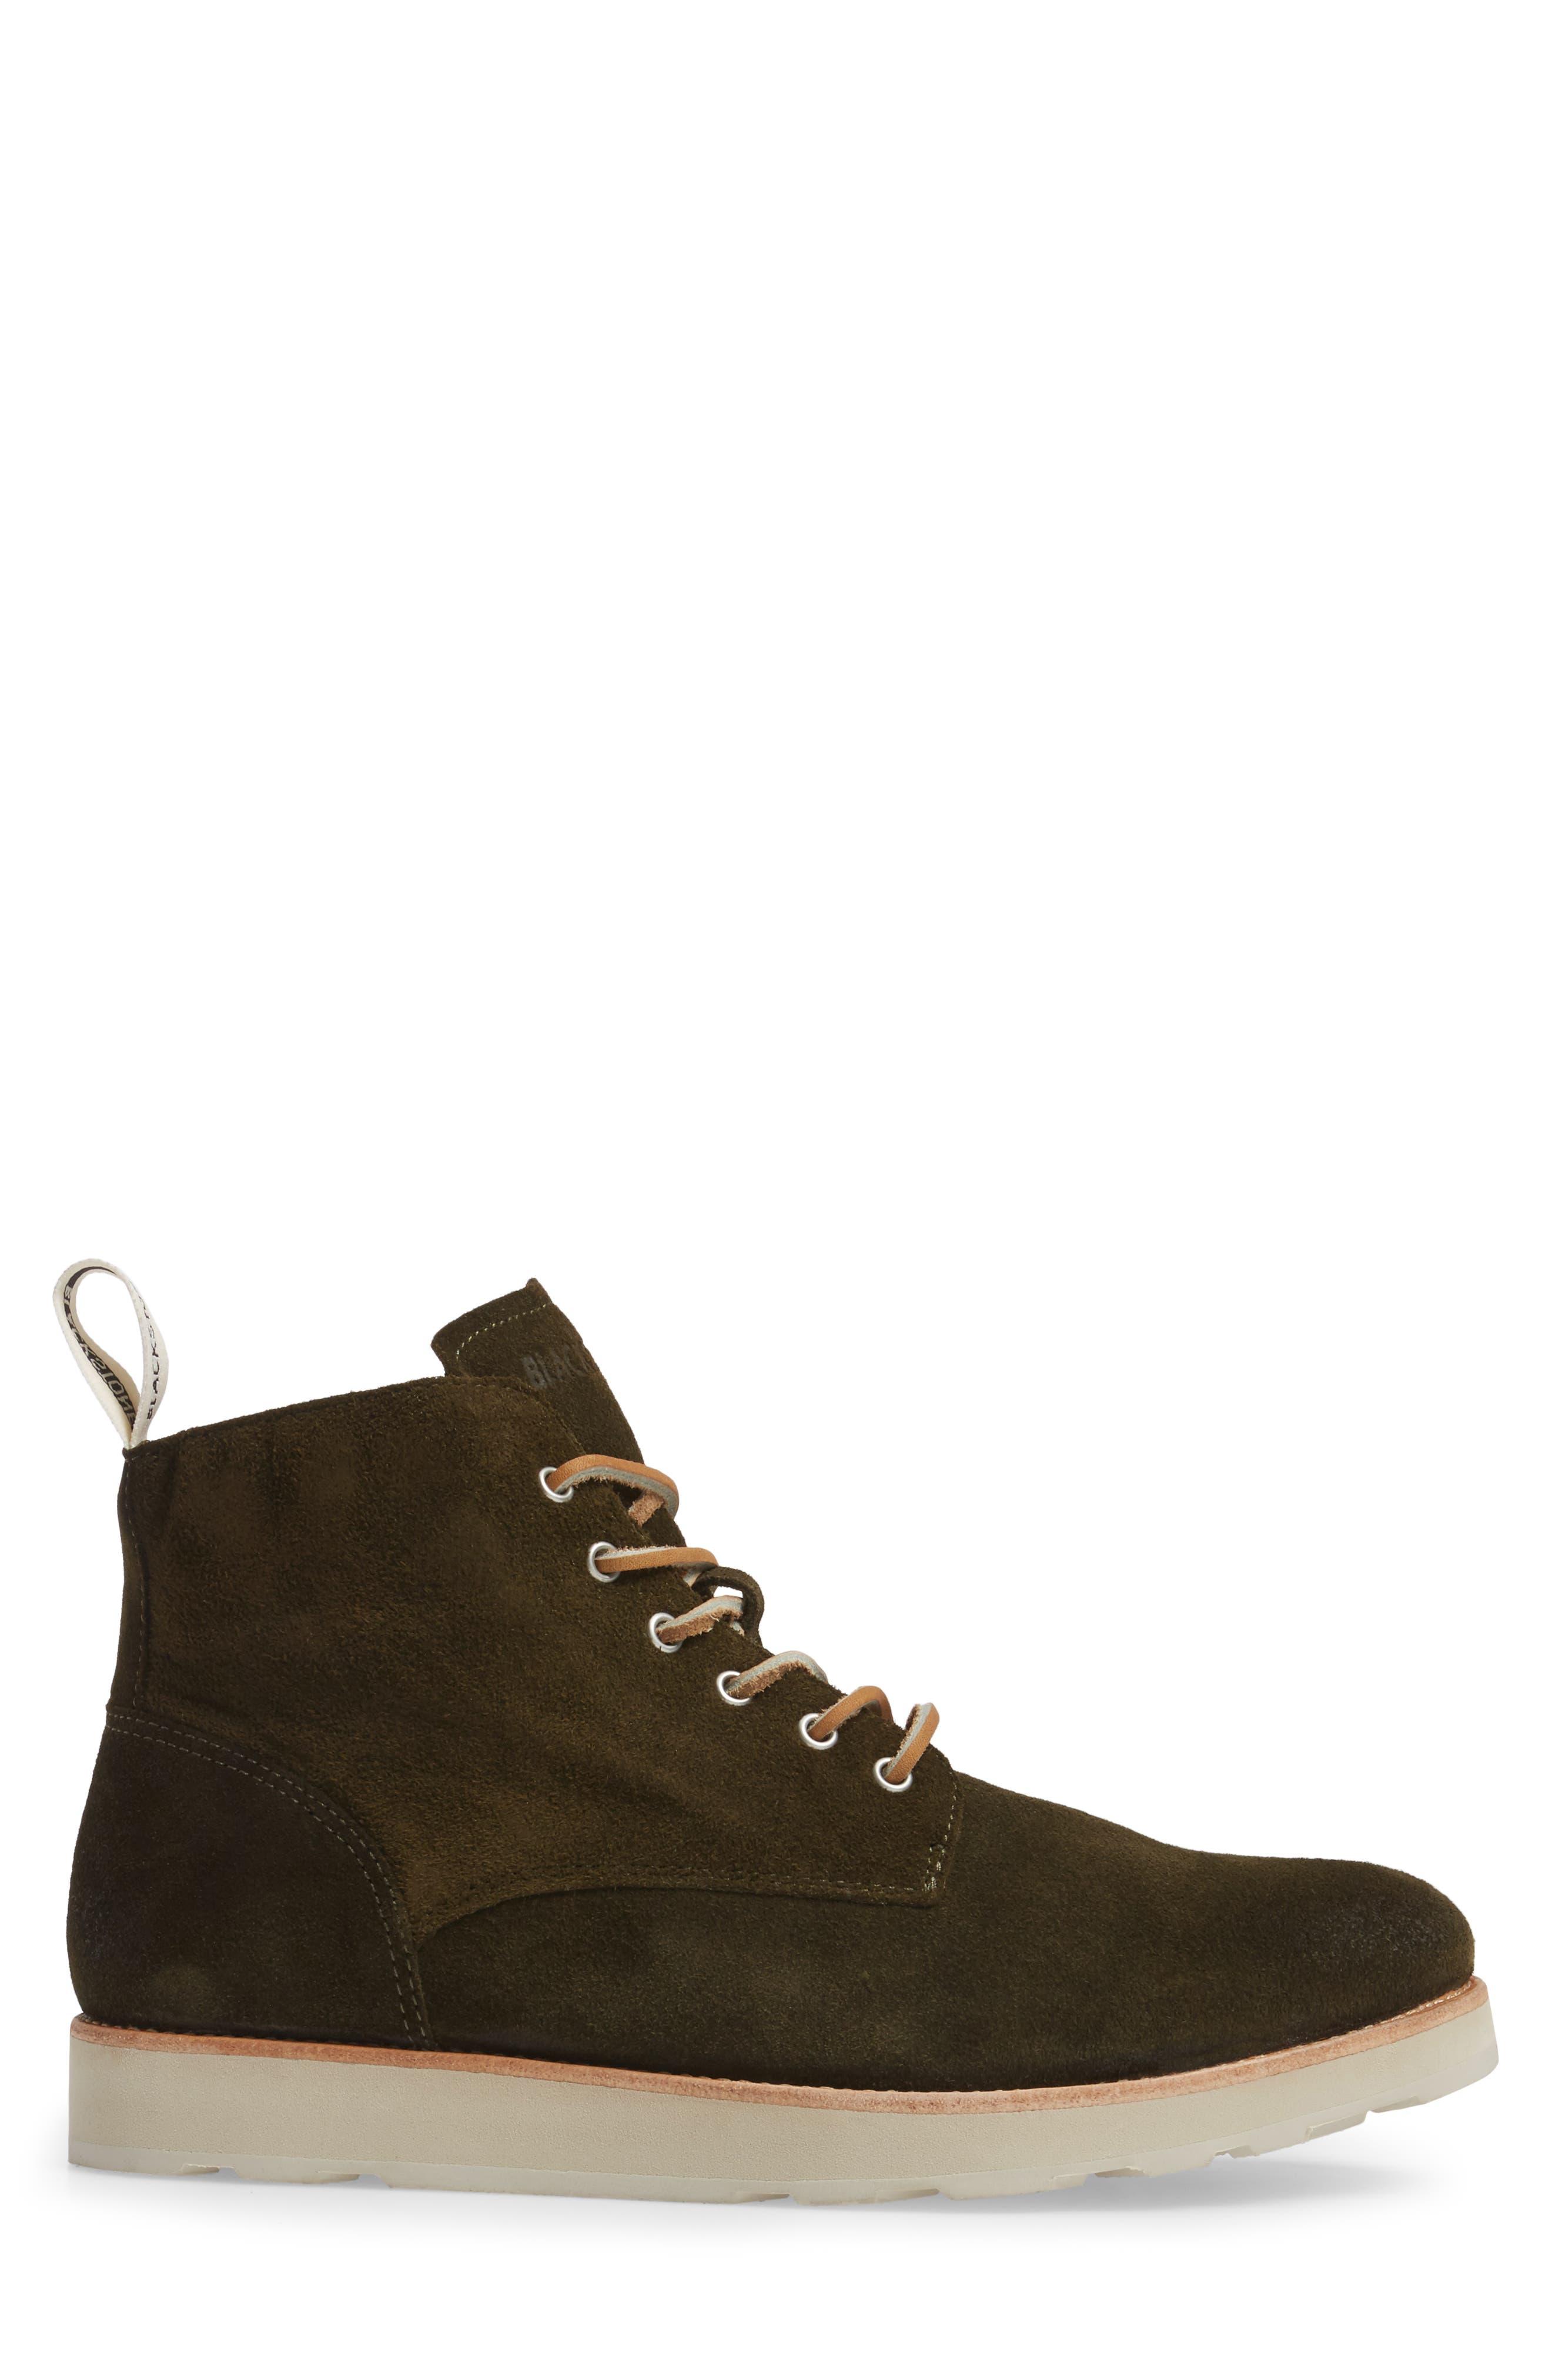 OM 53 Plain Toe Boot,                             Alternate thumbnail 3, color,                             DARK GREEN LEATHER